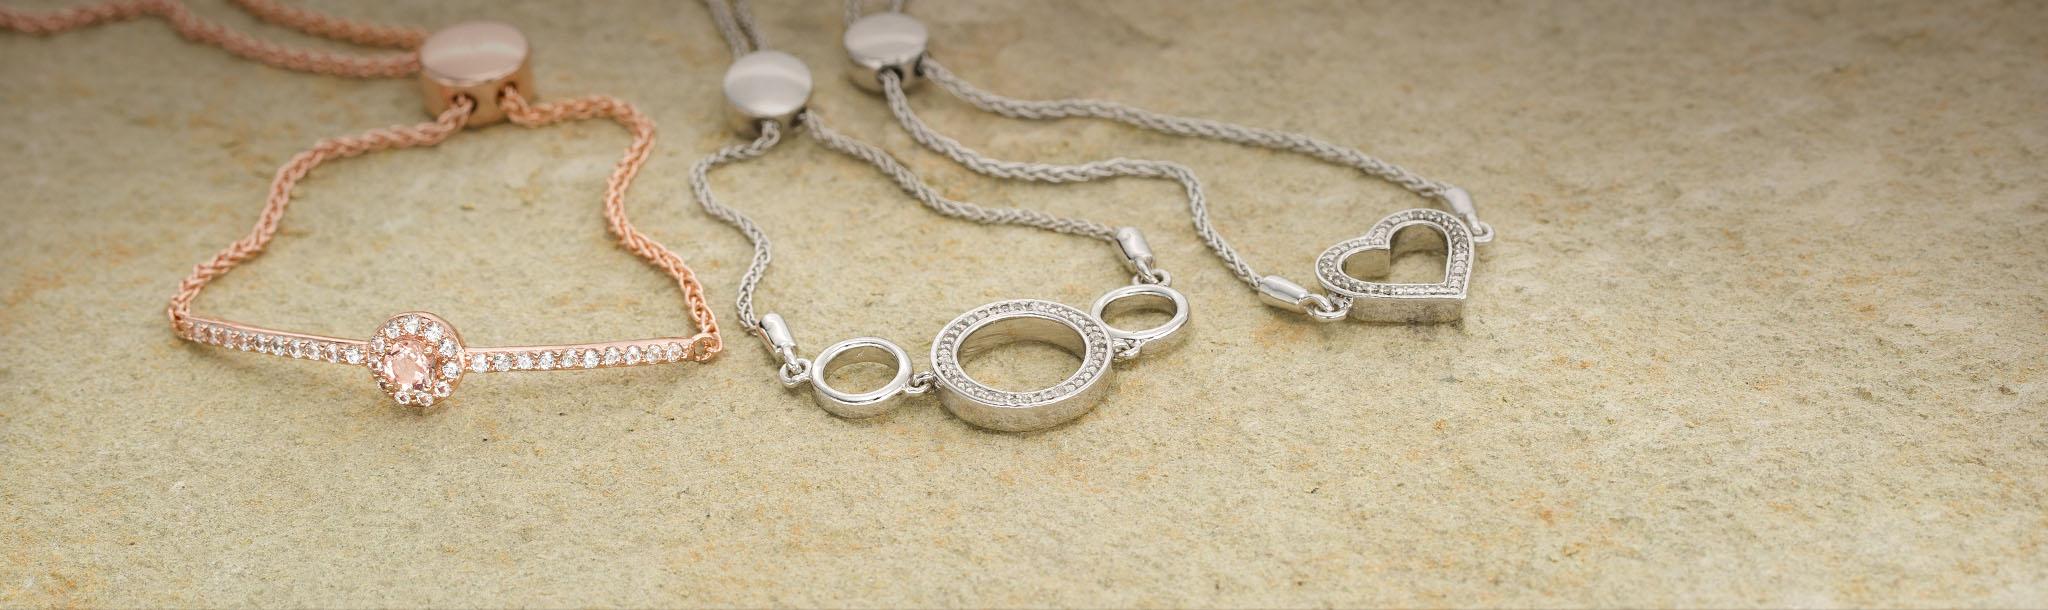 2aa2e1ba711d3 Bolo Bracelets | Bracelets | Zales